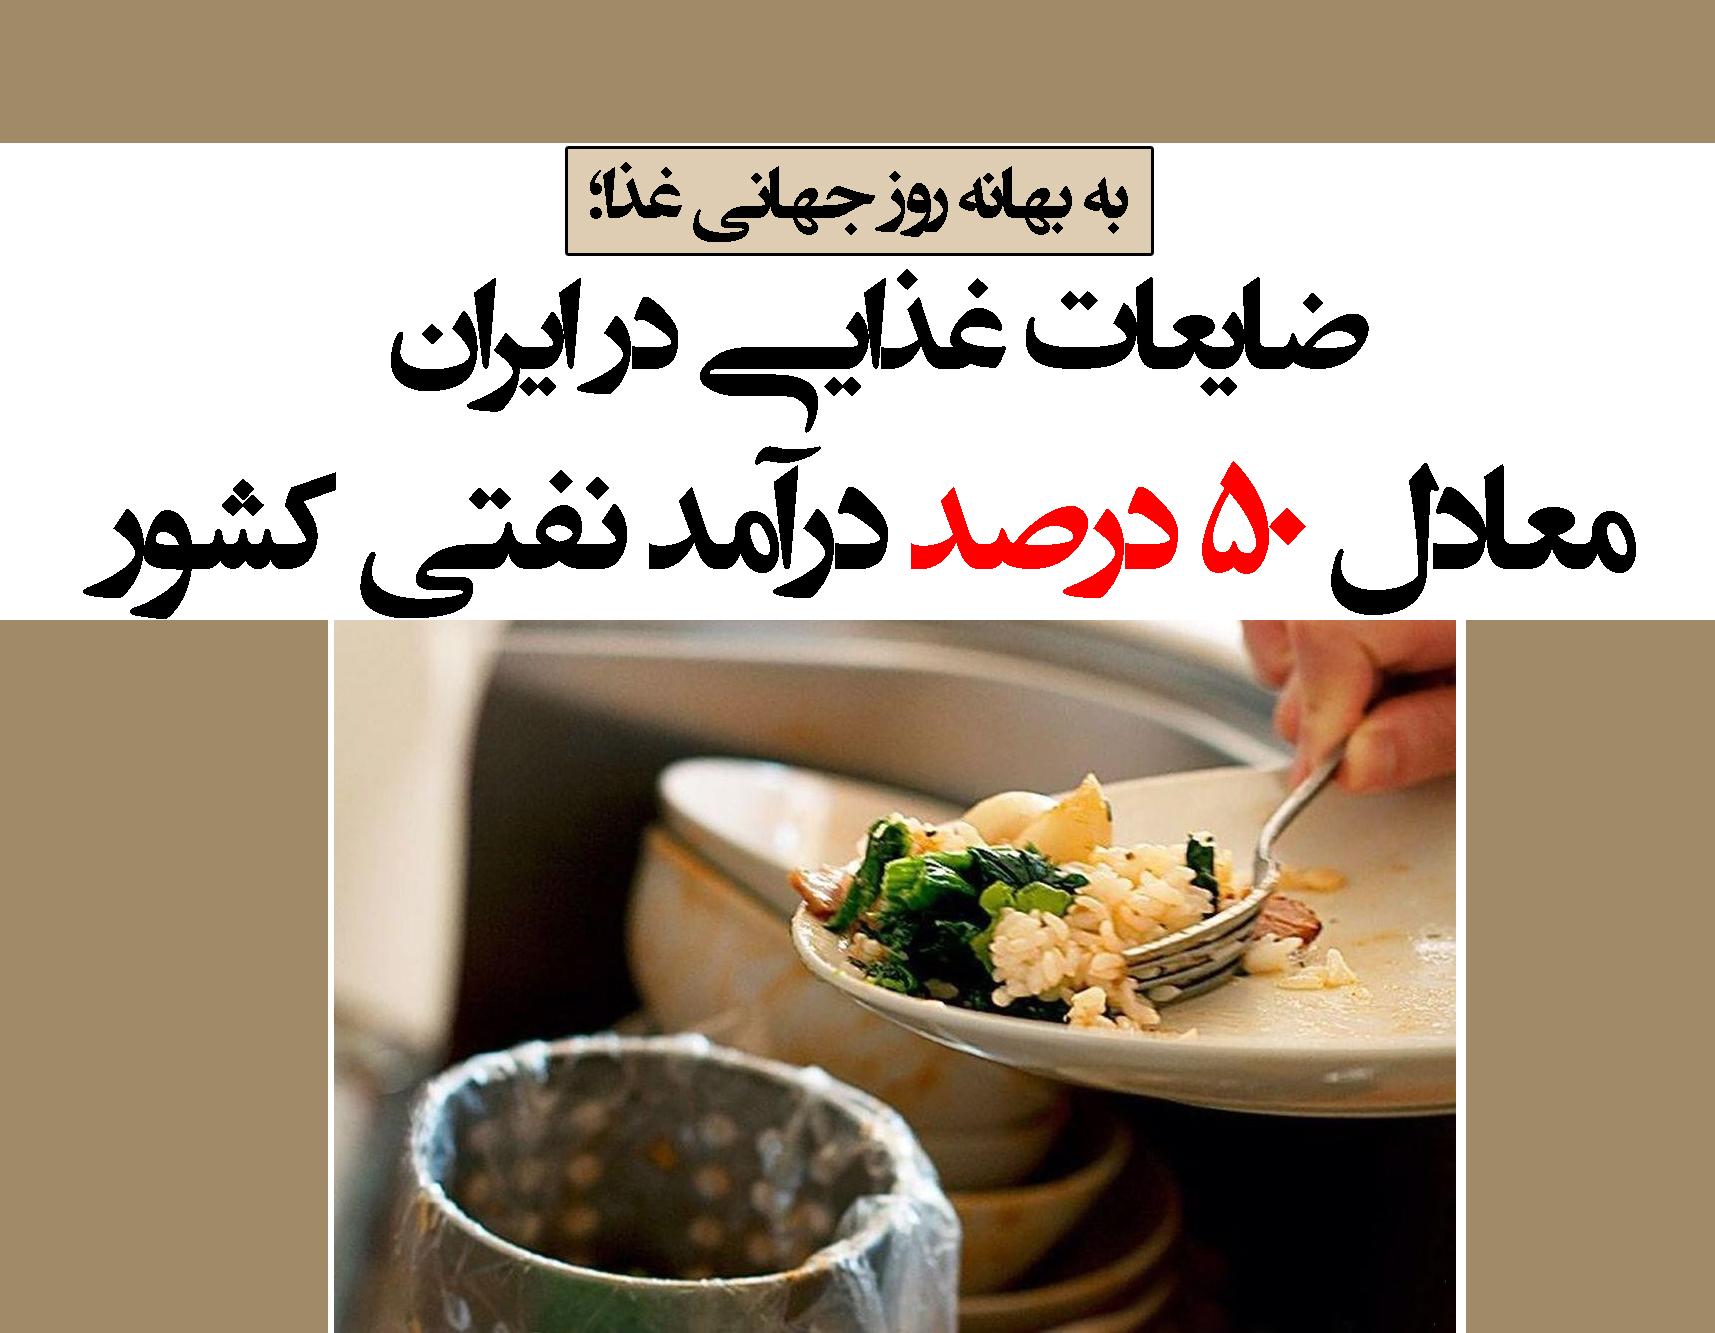 ضایعات غذایی در ایران معادل ۵۰ درصد درآمد نفتی کشور